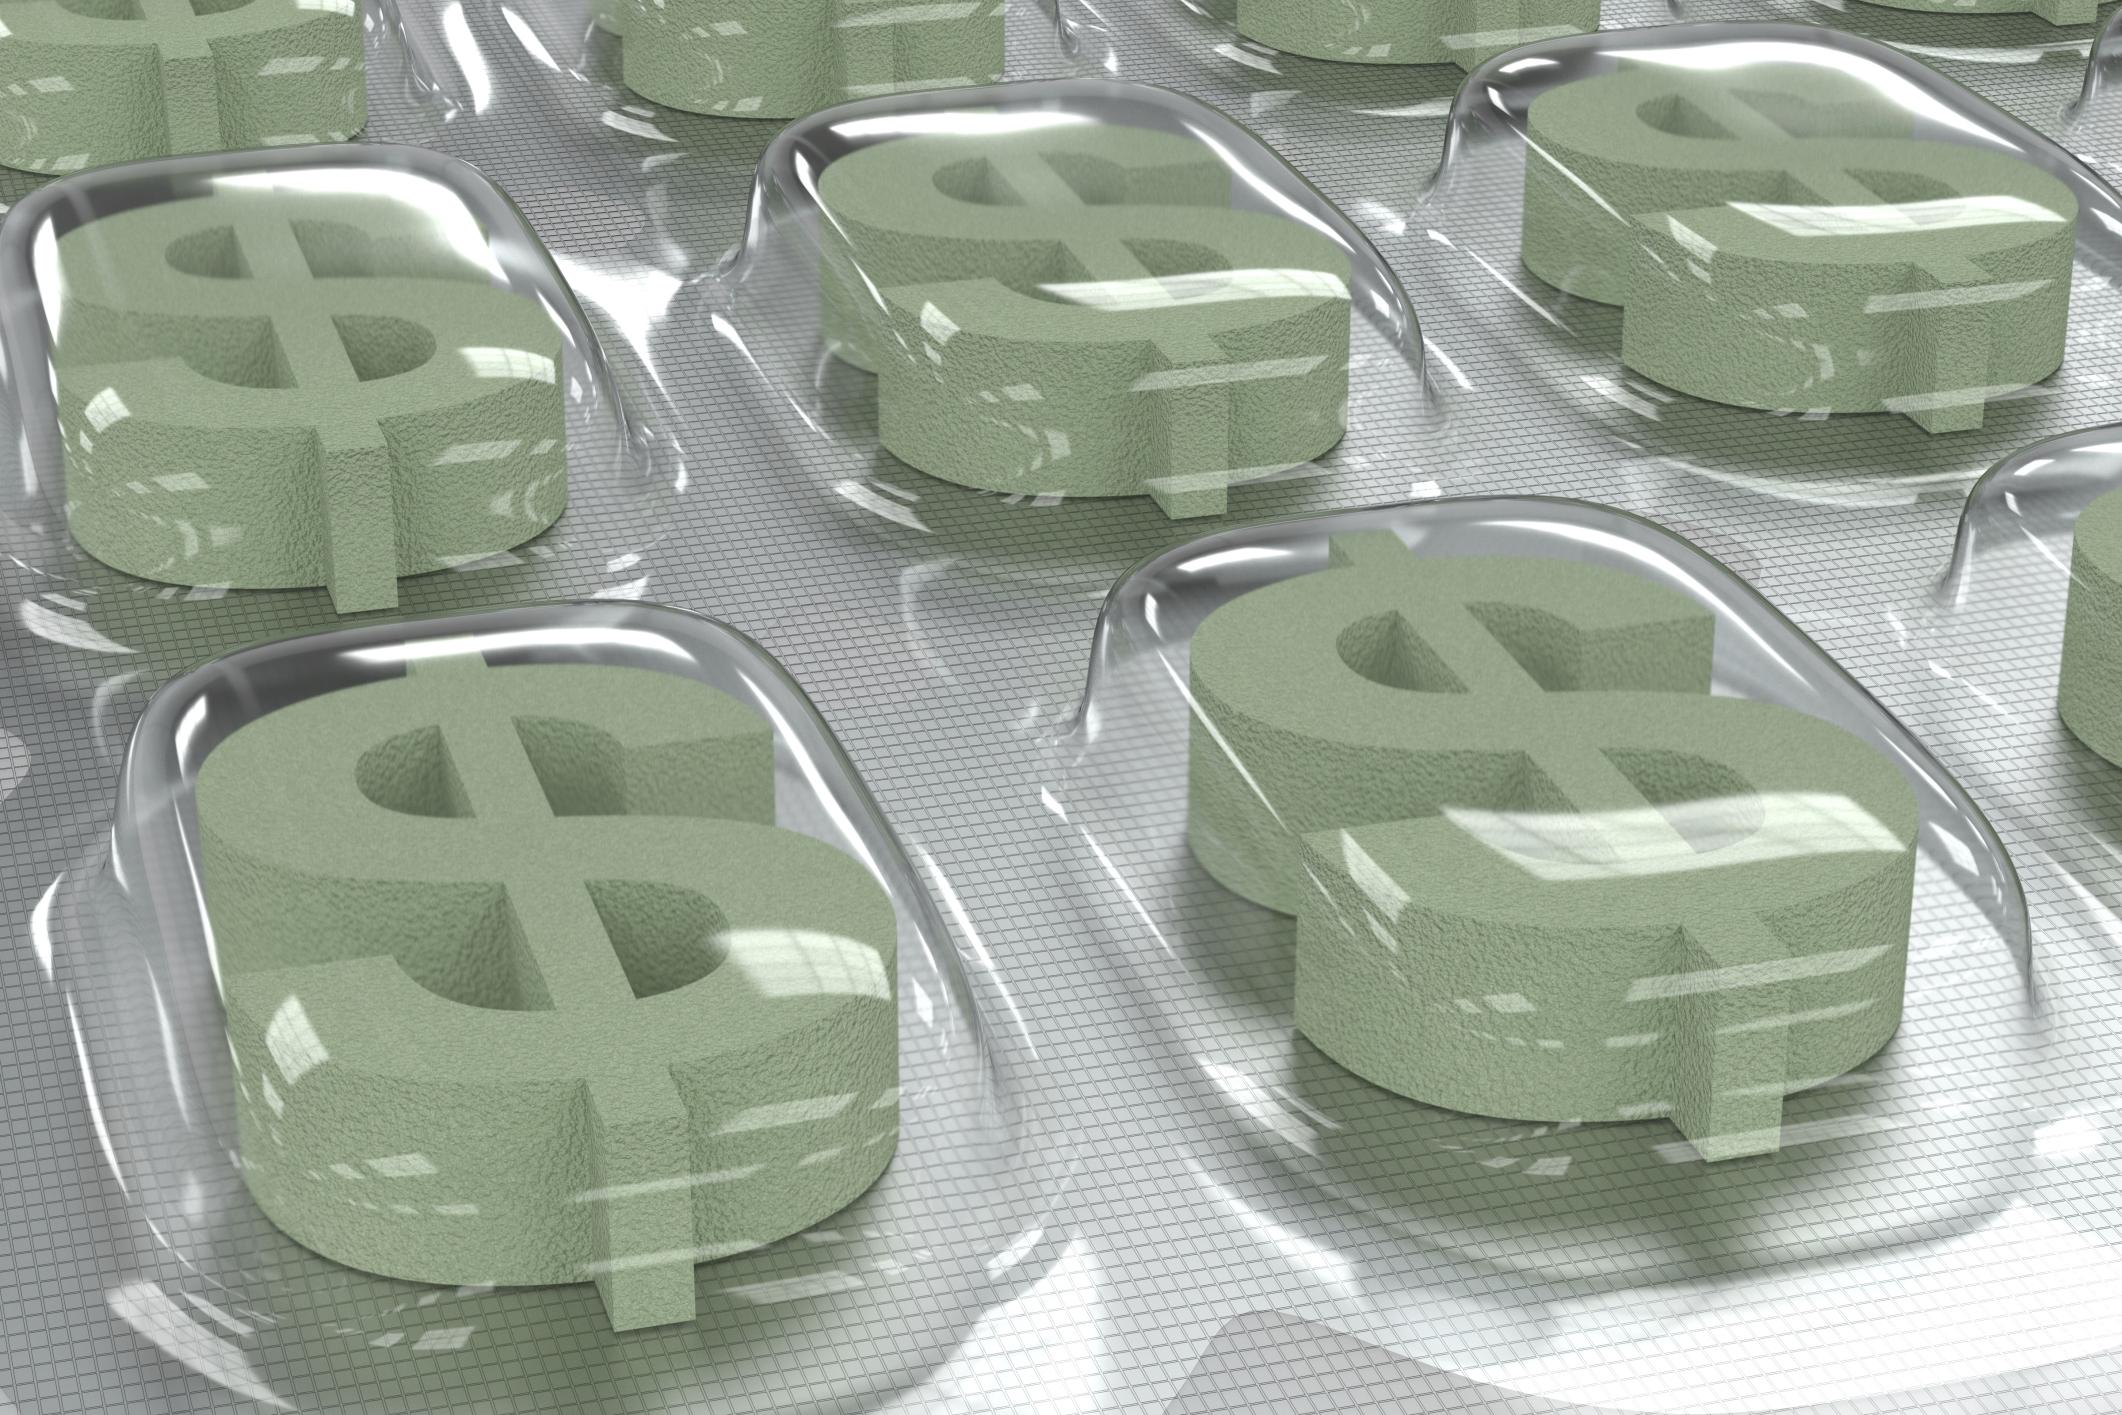 Dollar signs inside pill packaging.